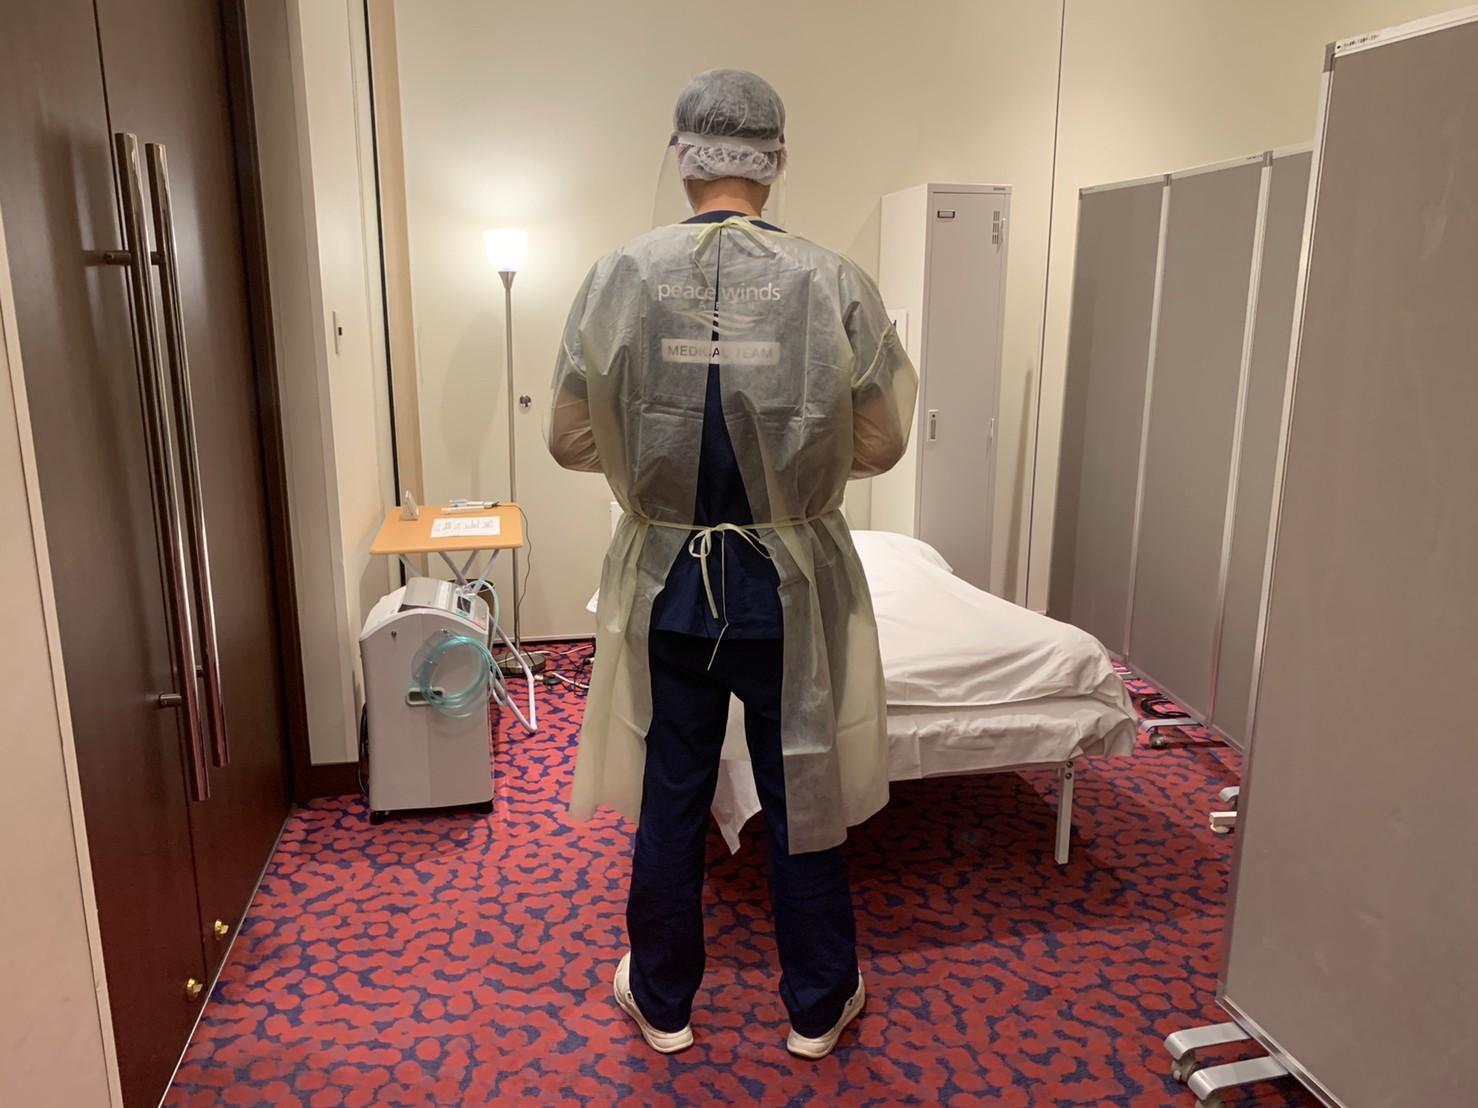 【新型コロナウイルス緊急支援】広島県の「ホテル療養者向けの酸素センター」へ医師を派遣